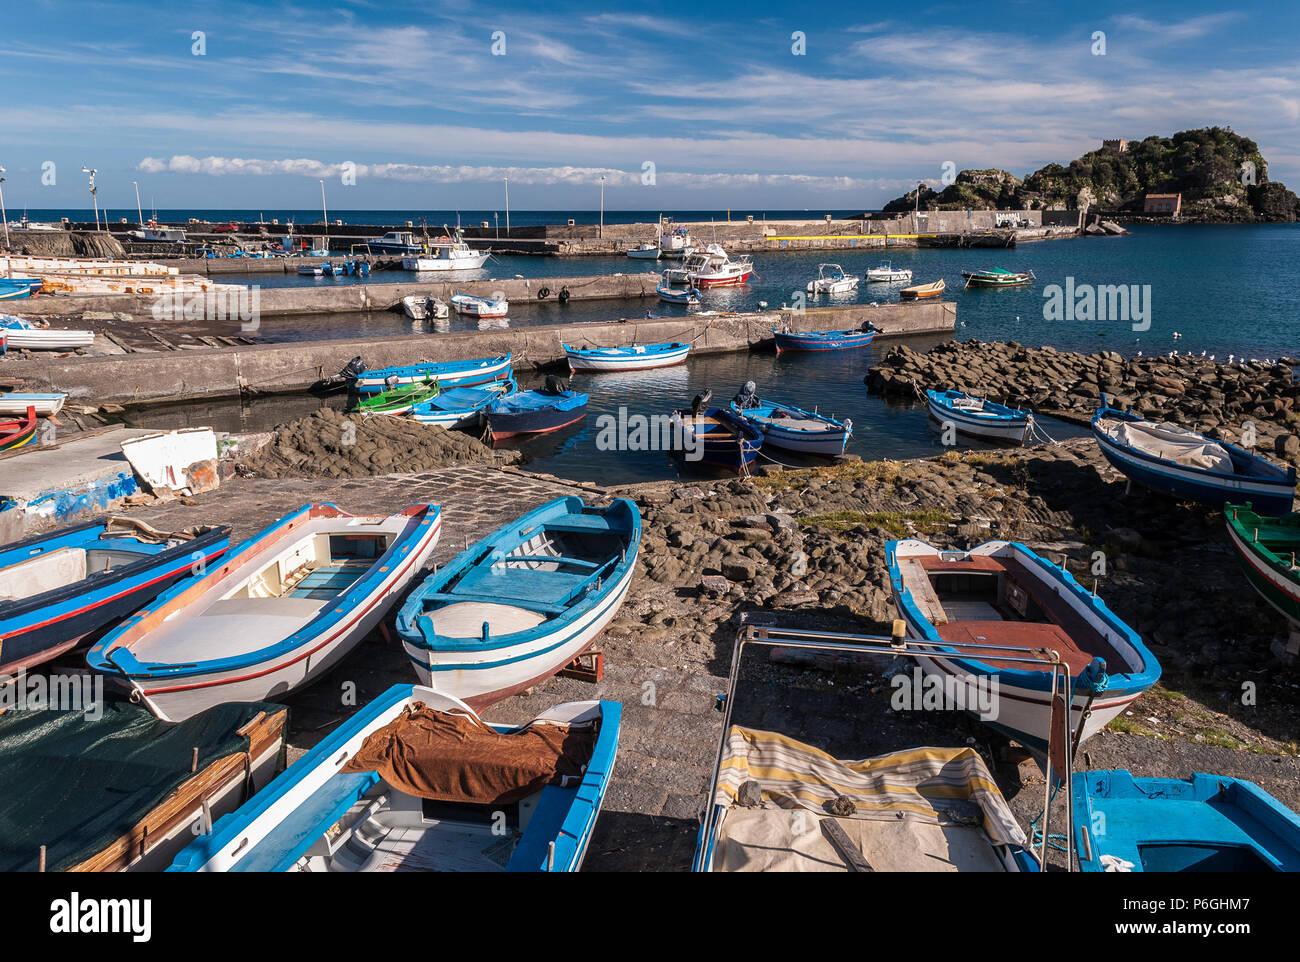 Kleiner Hafen in Aci Trezza (Sizilien, Italien); die Insel Lachea im Hintergrund Stockbild